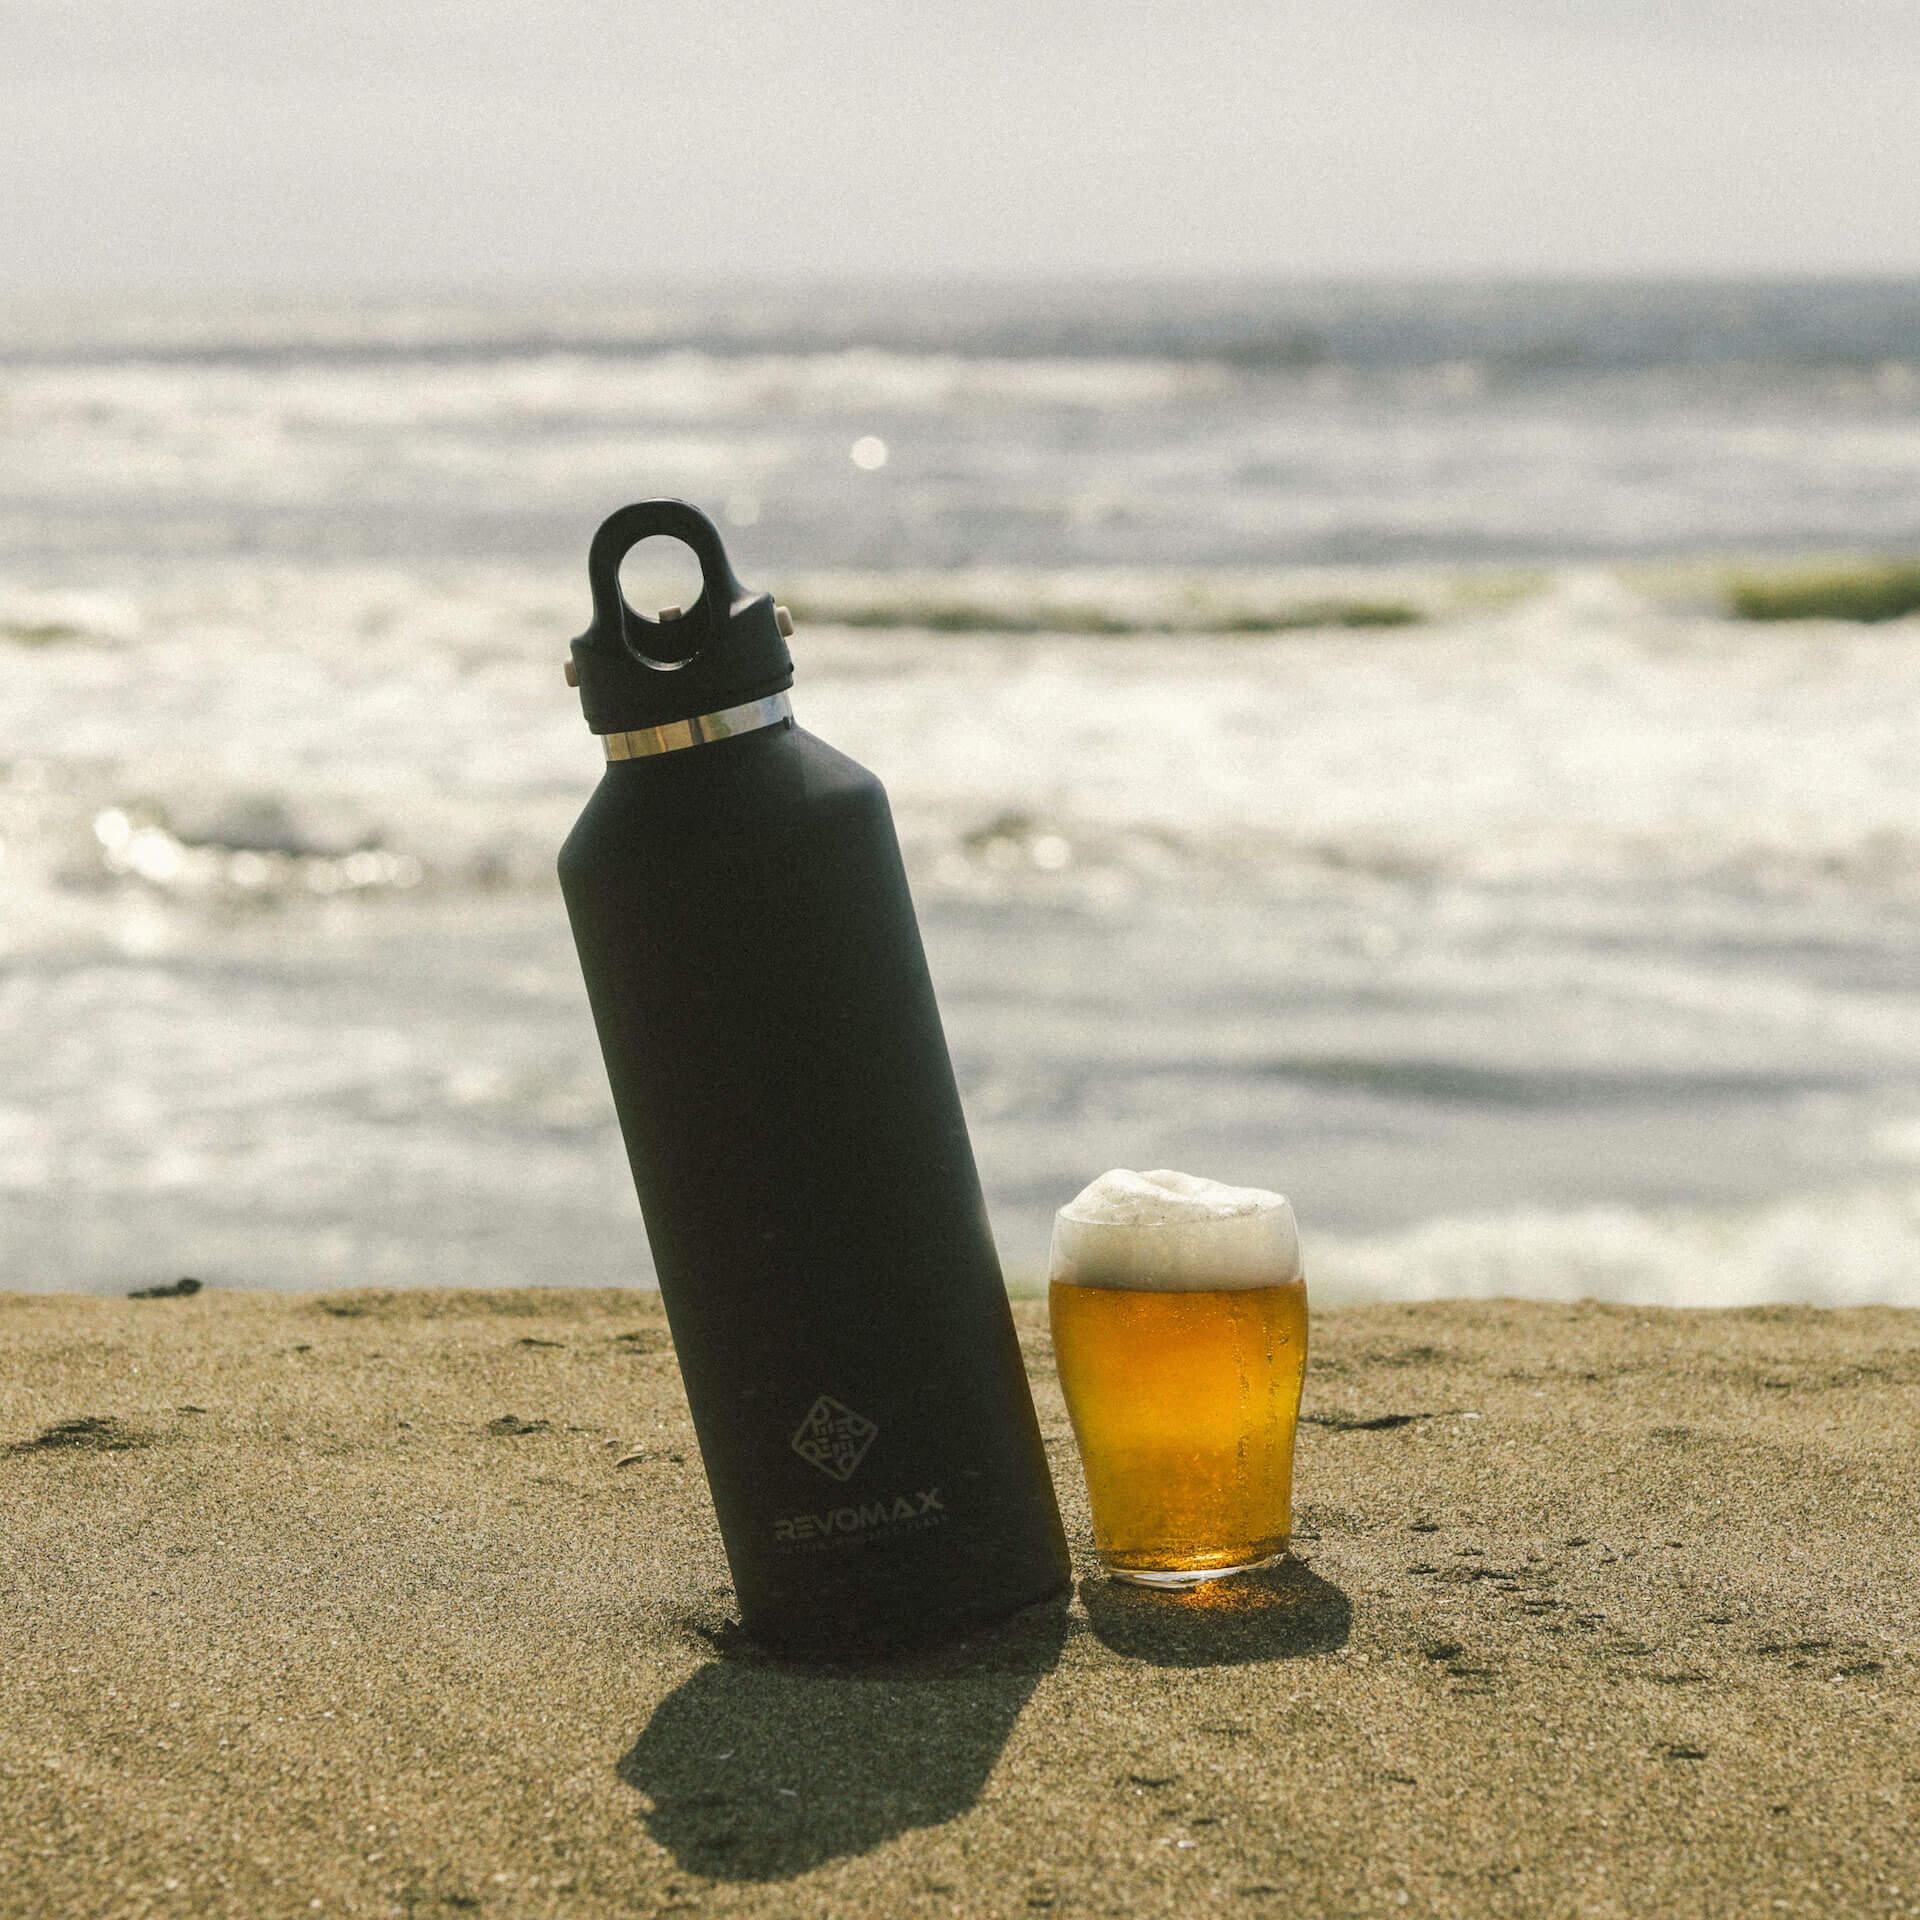 炭酸が入れられるボトル『REVOMAX』で冷えたビールをテイクアウトしよう!全国の量り売り店舗を紹介するmapも公開 gourmet_200701_revomax_beer_04